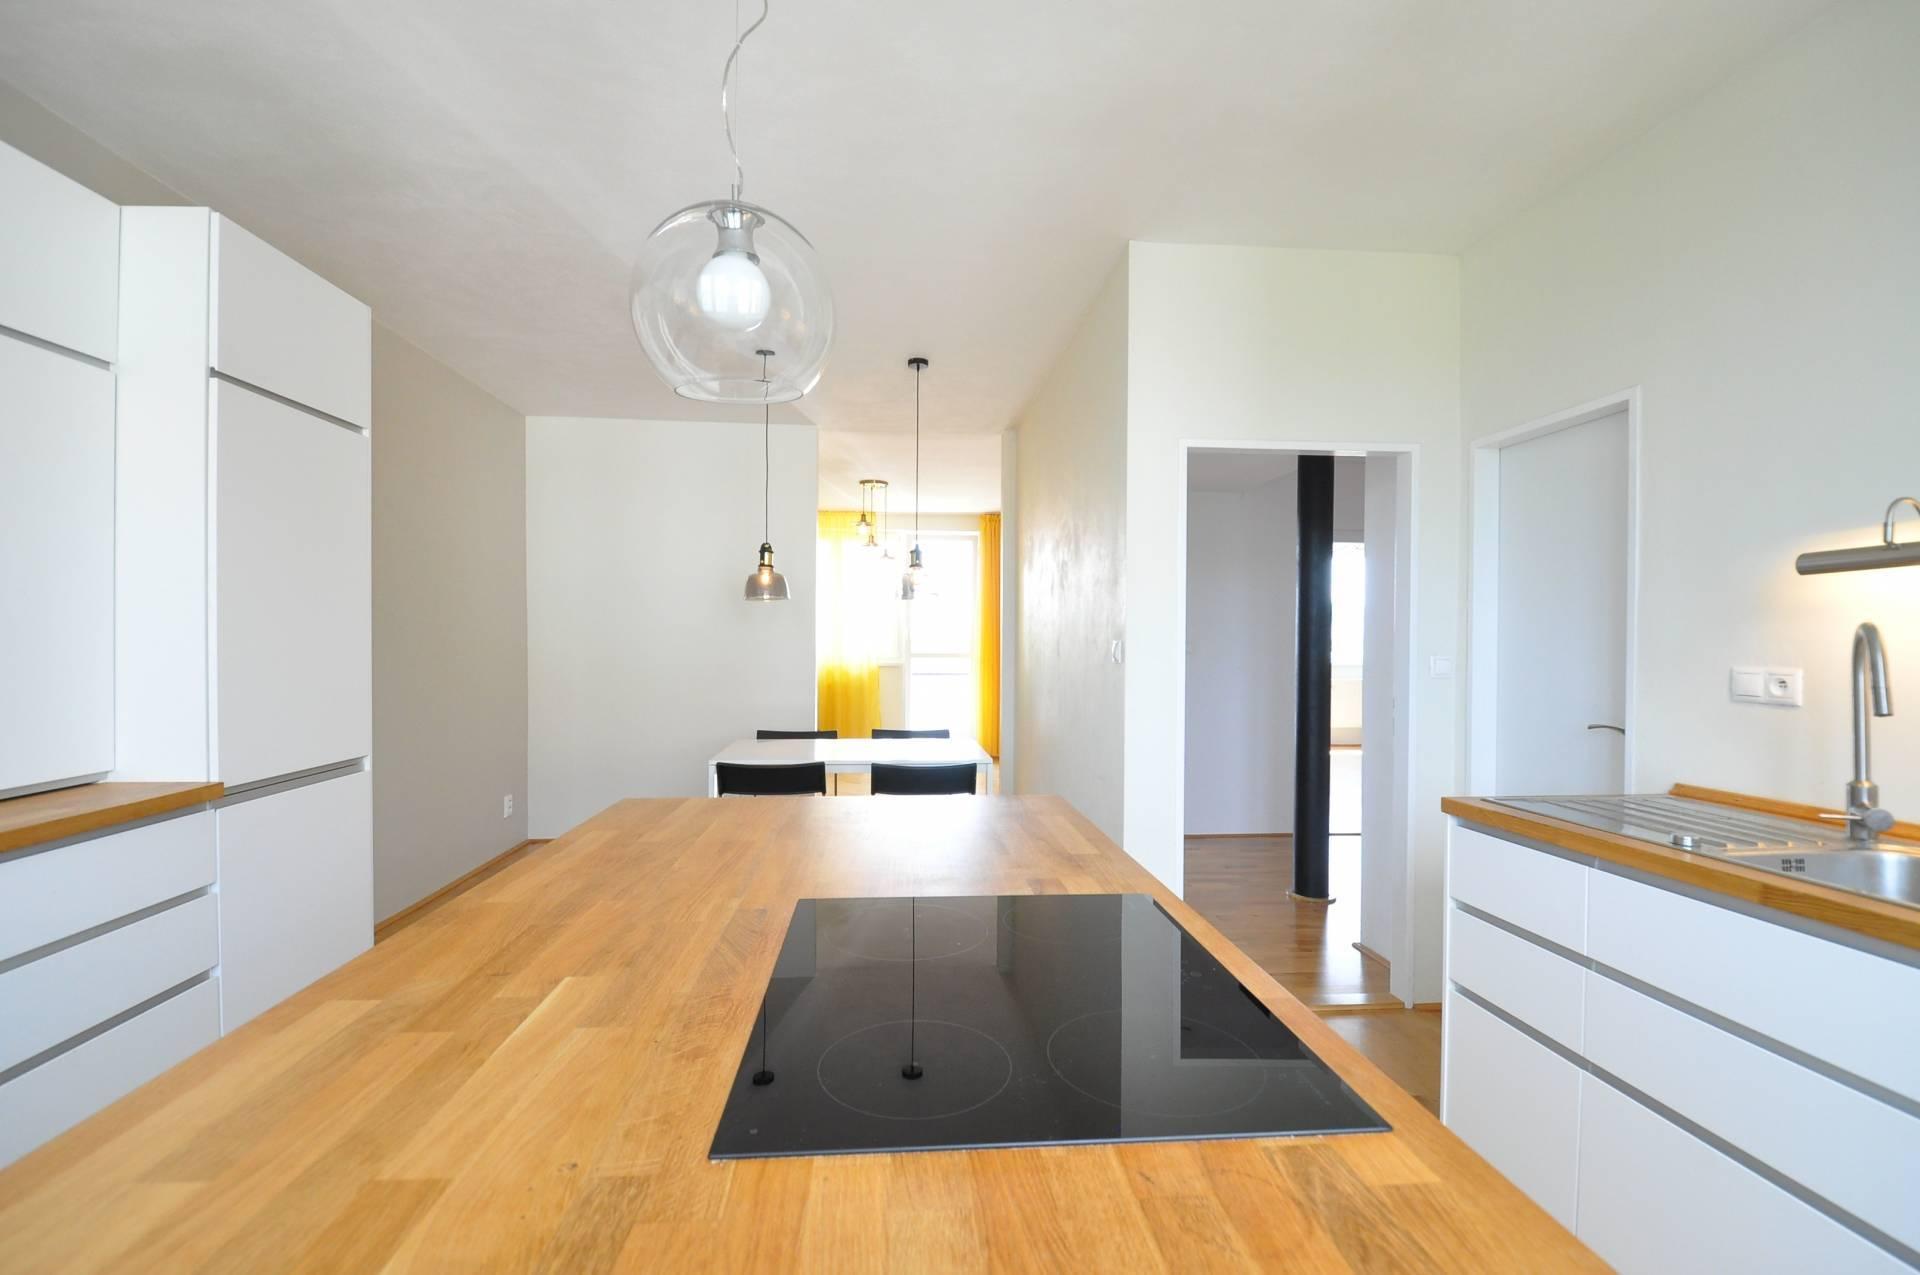 Prenájom bytu (3 izbový) 113 m2, Poprad - PRENÁJOM, 3 - izbový byt, Poprad, Ul. Popradskej brigády,